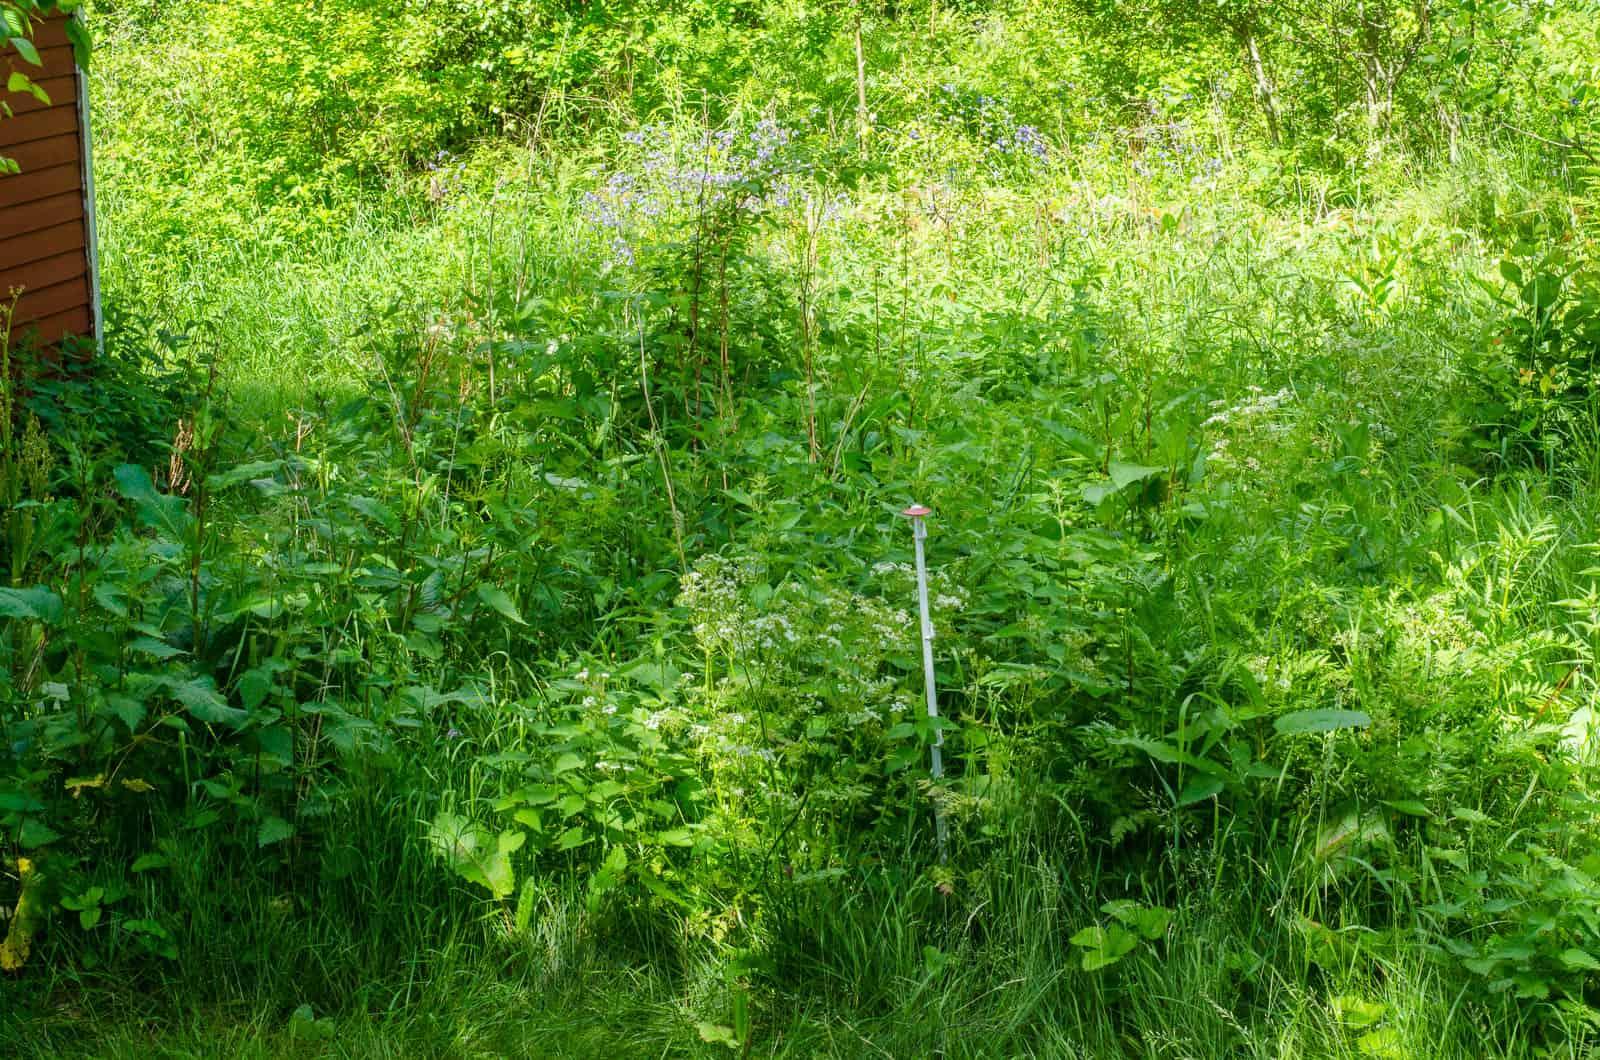 För några år sedan gjorde jag i ordning en liten köksträdgård här. Rensade, planterade ärter och gjorde en liten gång av sten. Nu är det en Darwinistisk del av trädgården där bara den mest anpassningsbara överlever.